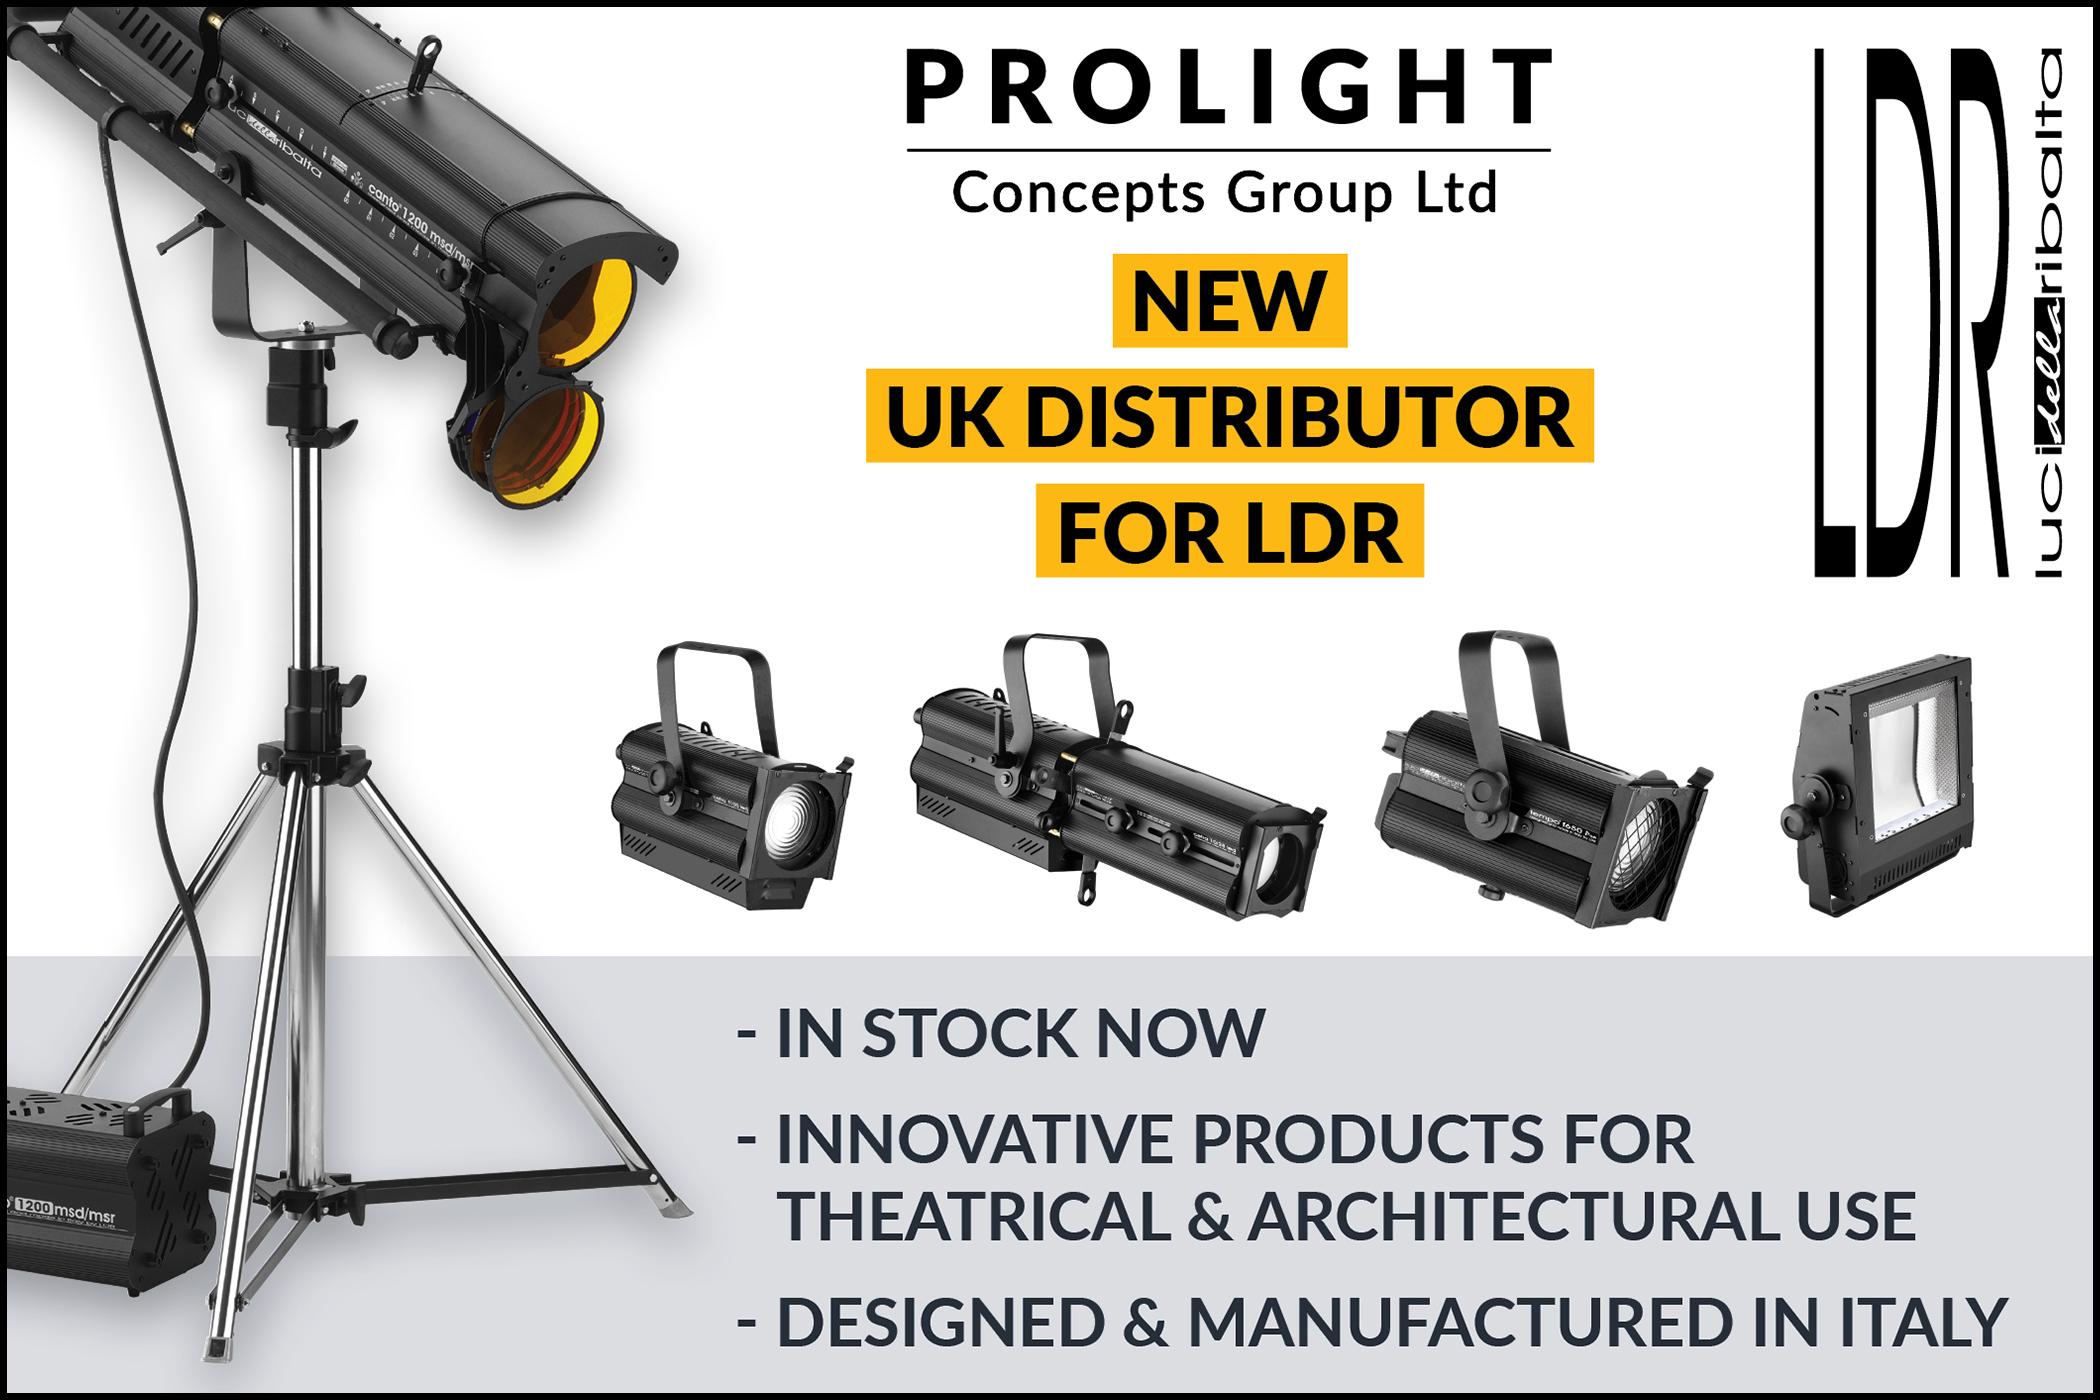 Prolight Distributes LDR - Luci Della Ribalta